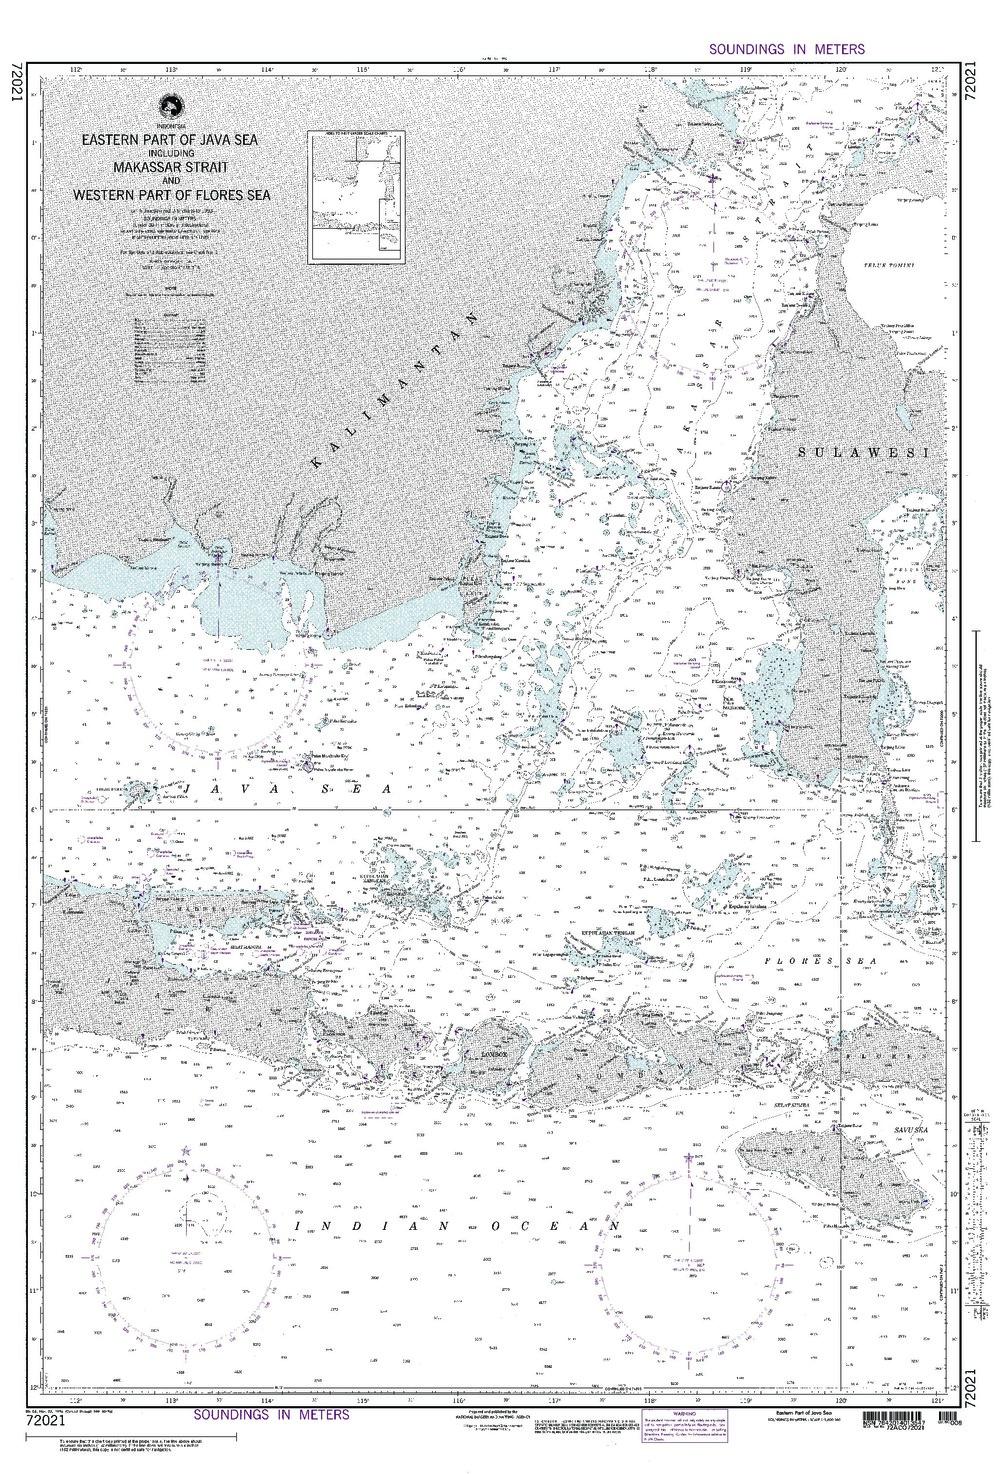 NGA Charts: Region 7 - South East Asia, Indonesia, New Guinea, Australia, NGA Chart 72021: Java Sea (Eastern Part) Incl Makassar